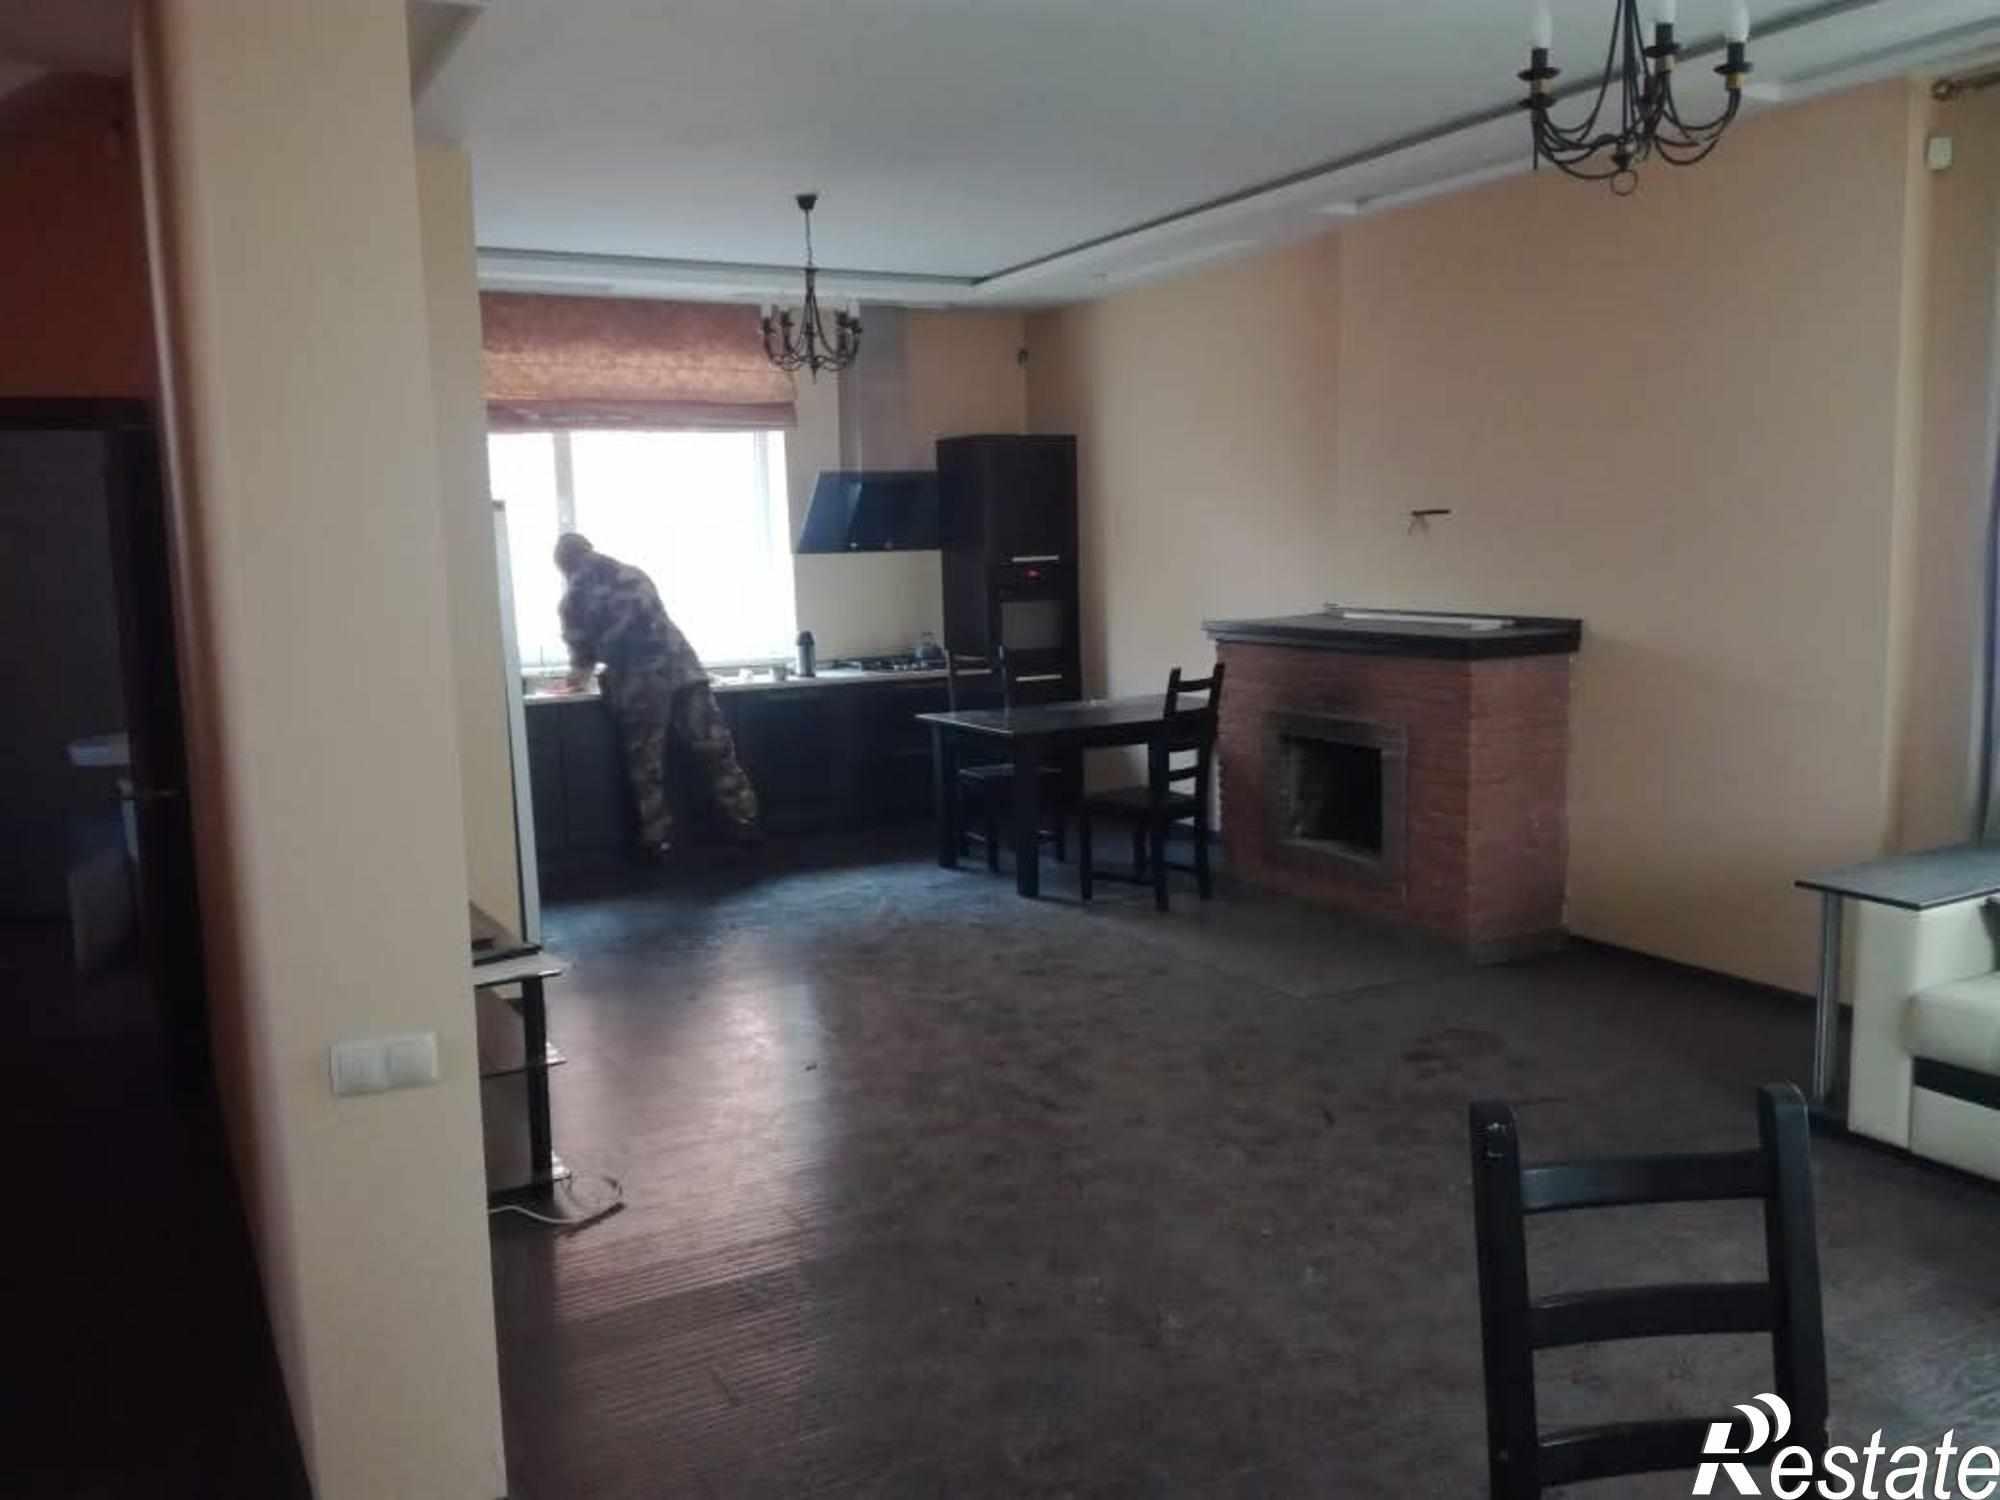 Сдать дачу, дом, коттедж за 50 000 рублей на ул. Павлодарская,200